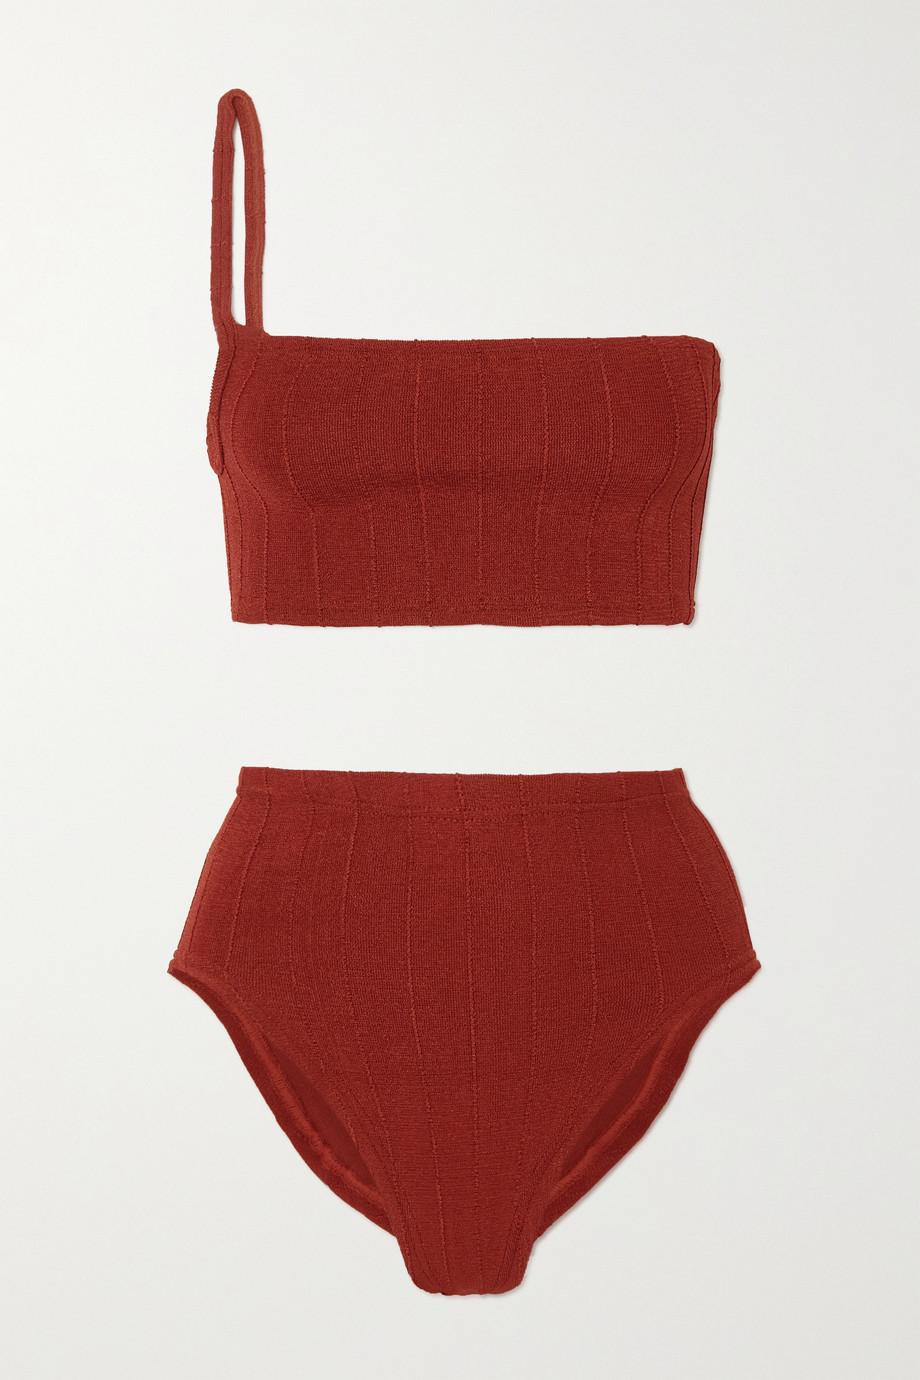 Hunza G + NET SUSTAIN Maxine Nile gerippter Bikini mit asymmetrischer Schulterpartie